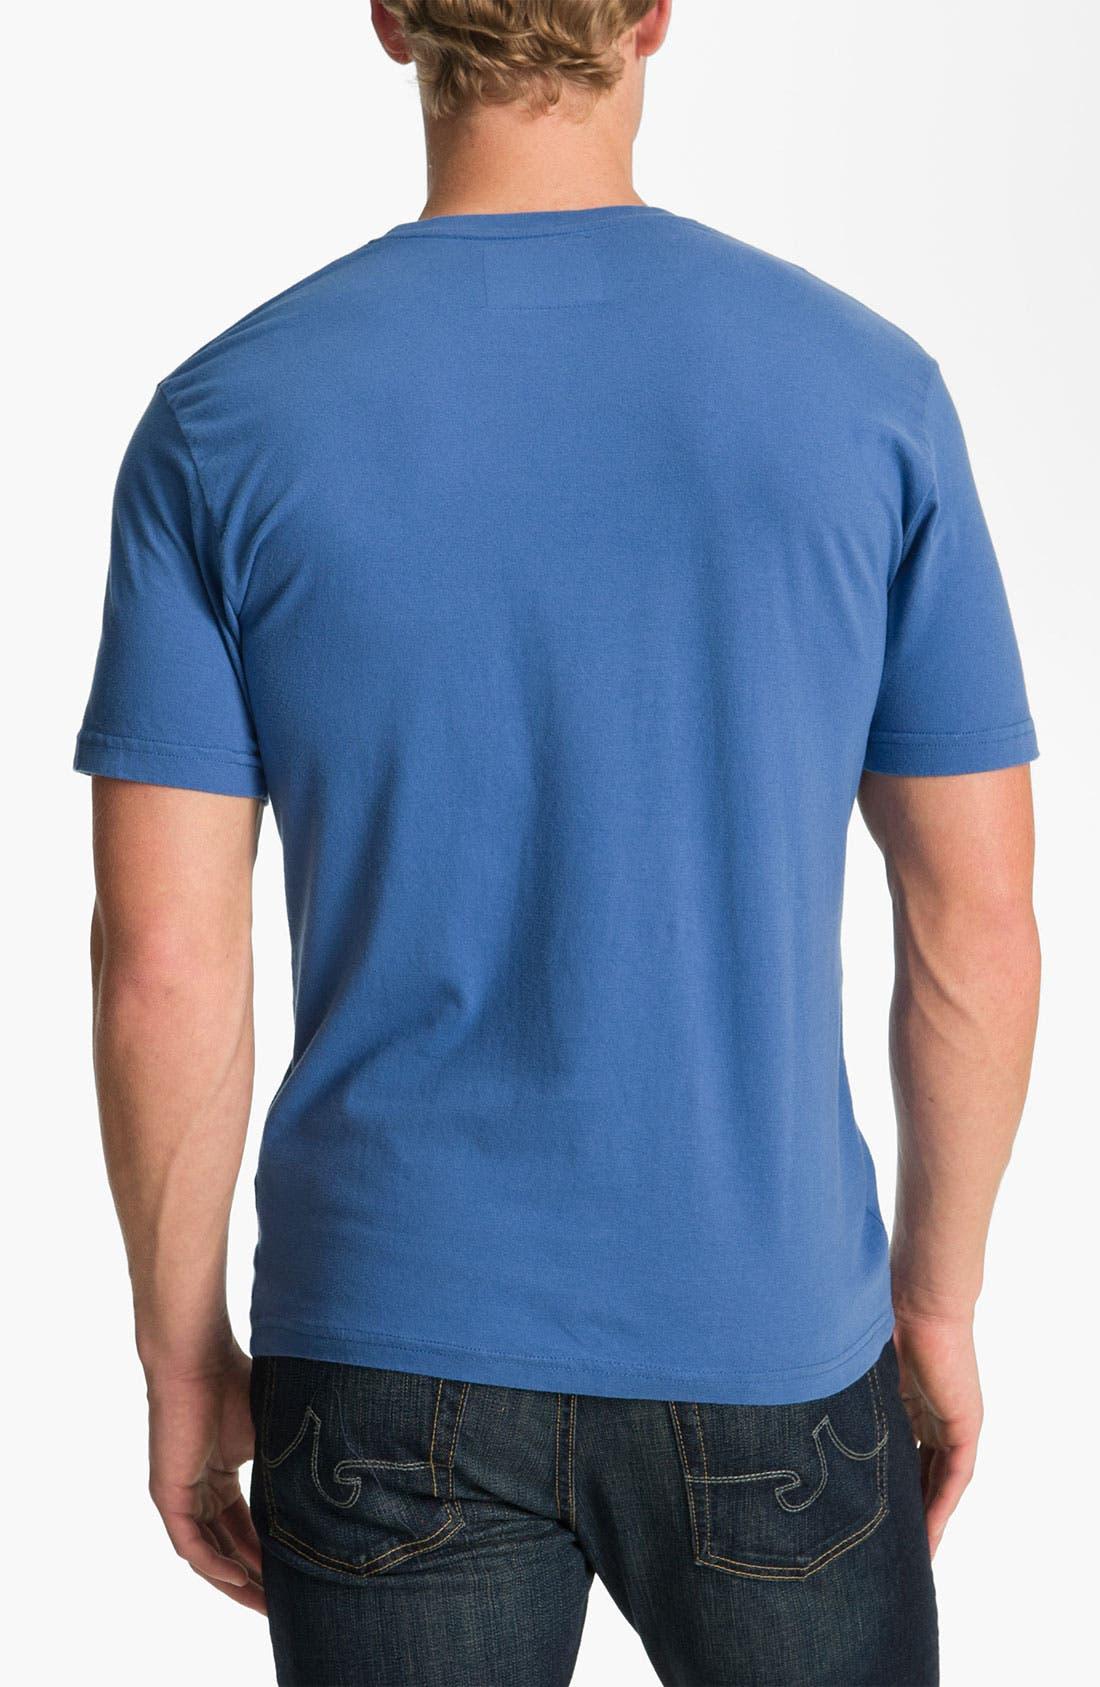 Alternate Image 2  - Red Jacket 'Cubs - Letterman' T-Shirt